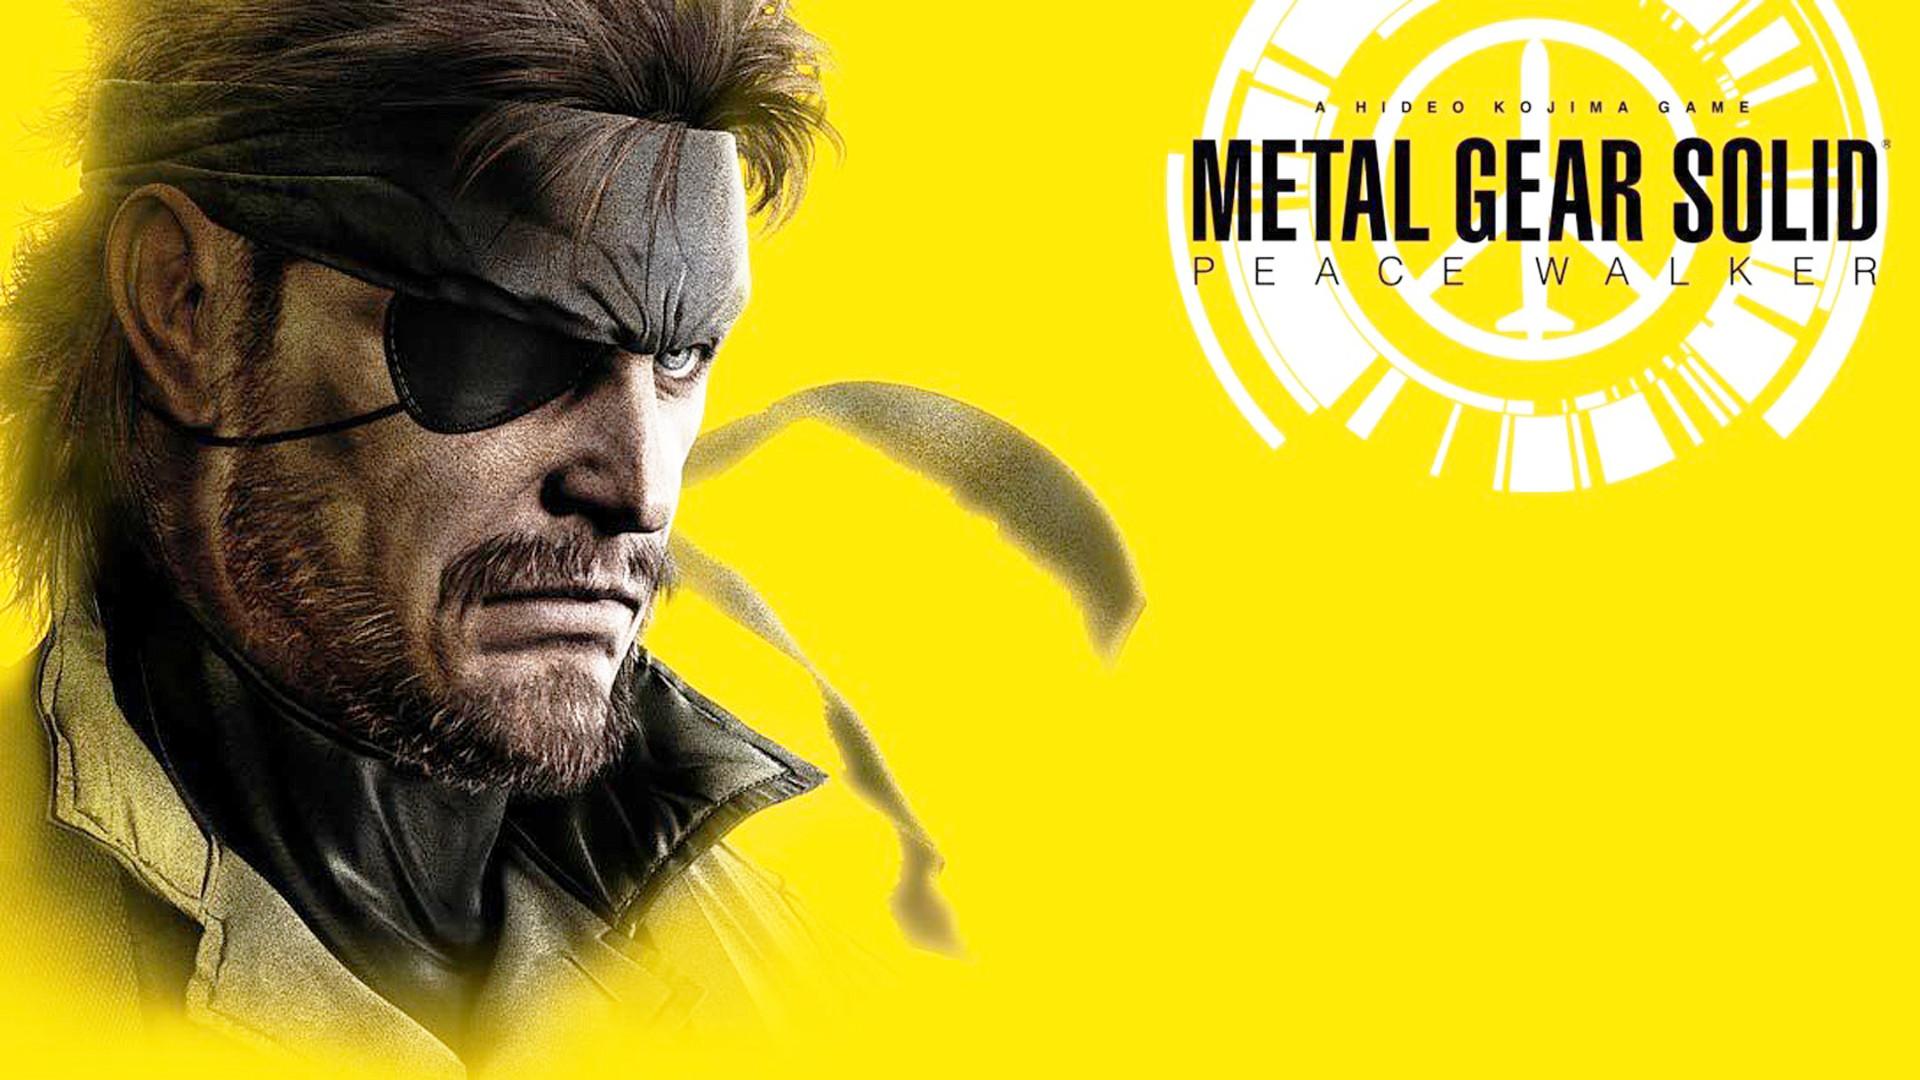 Metal Gear Solid Peace Walker Wallpaper Metal Gear Solid